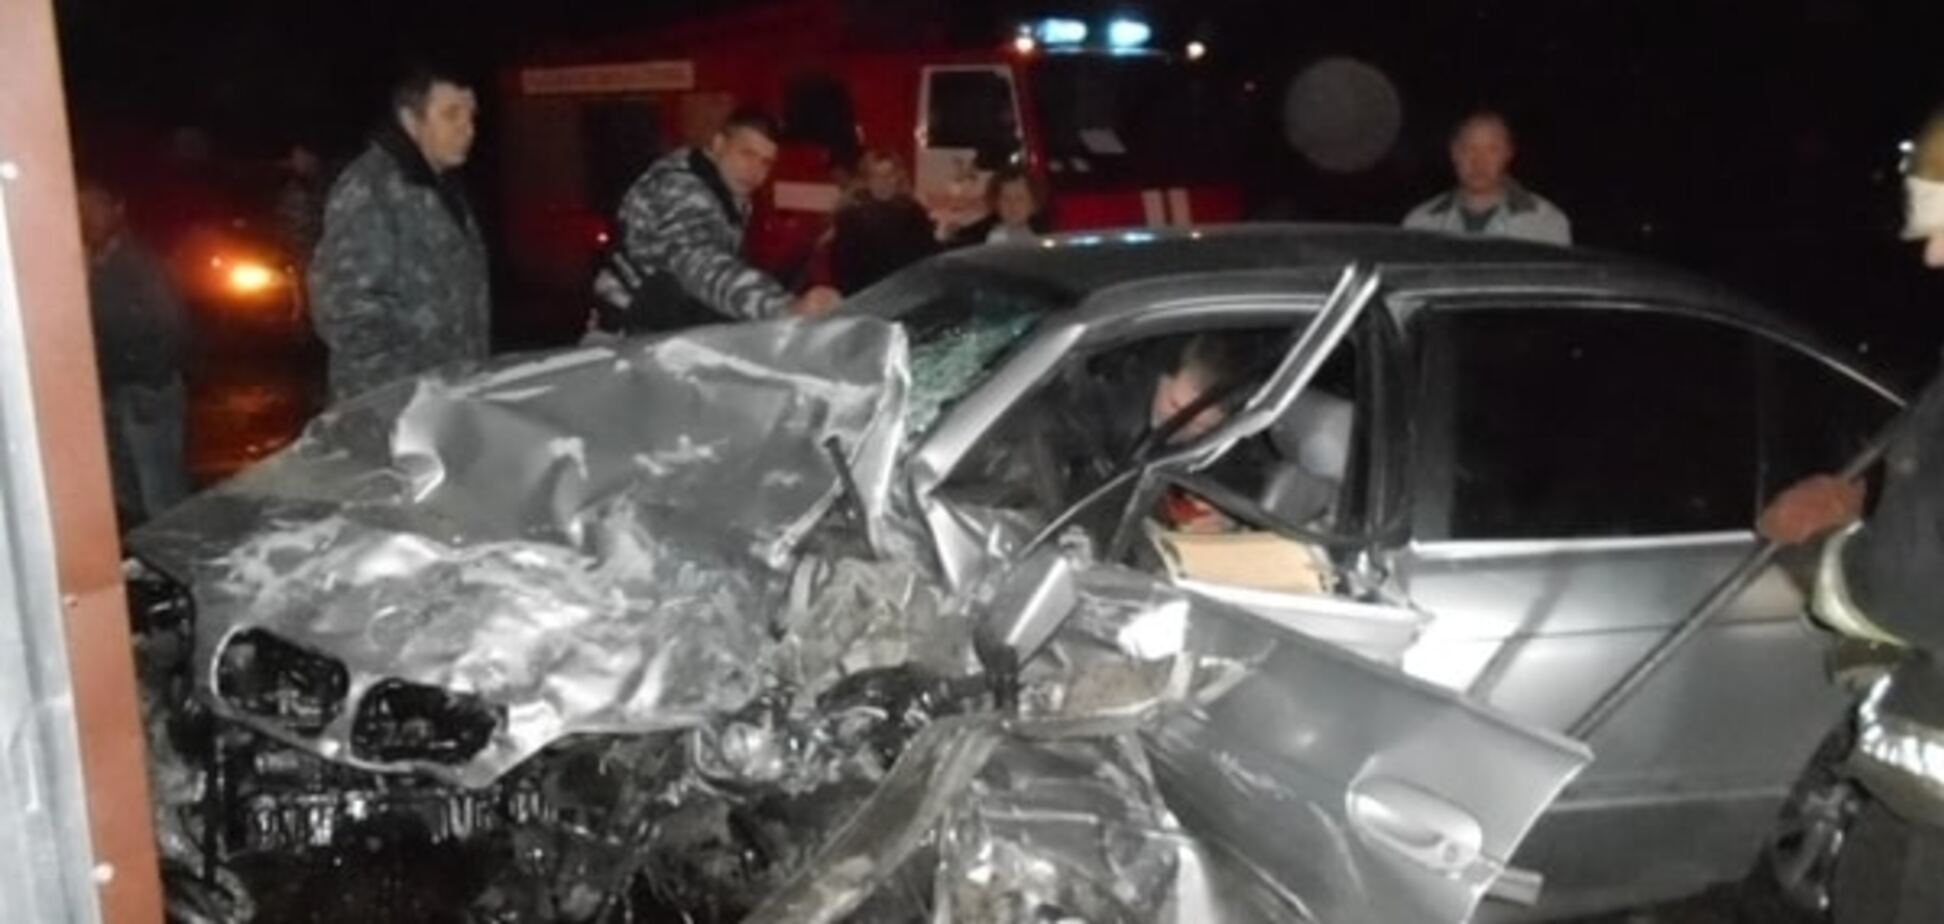 Прокурор із Київської області виїхав на зустрічну і влаштував смертельну аварію